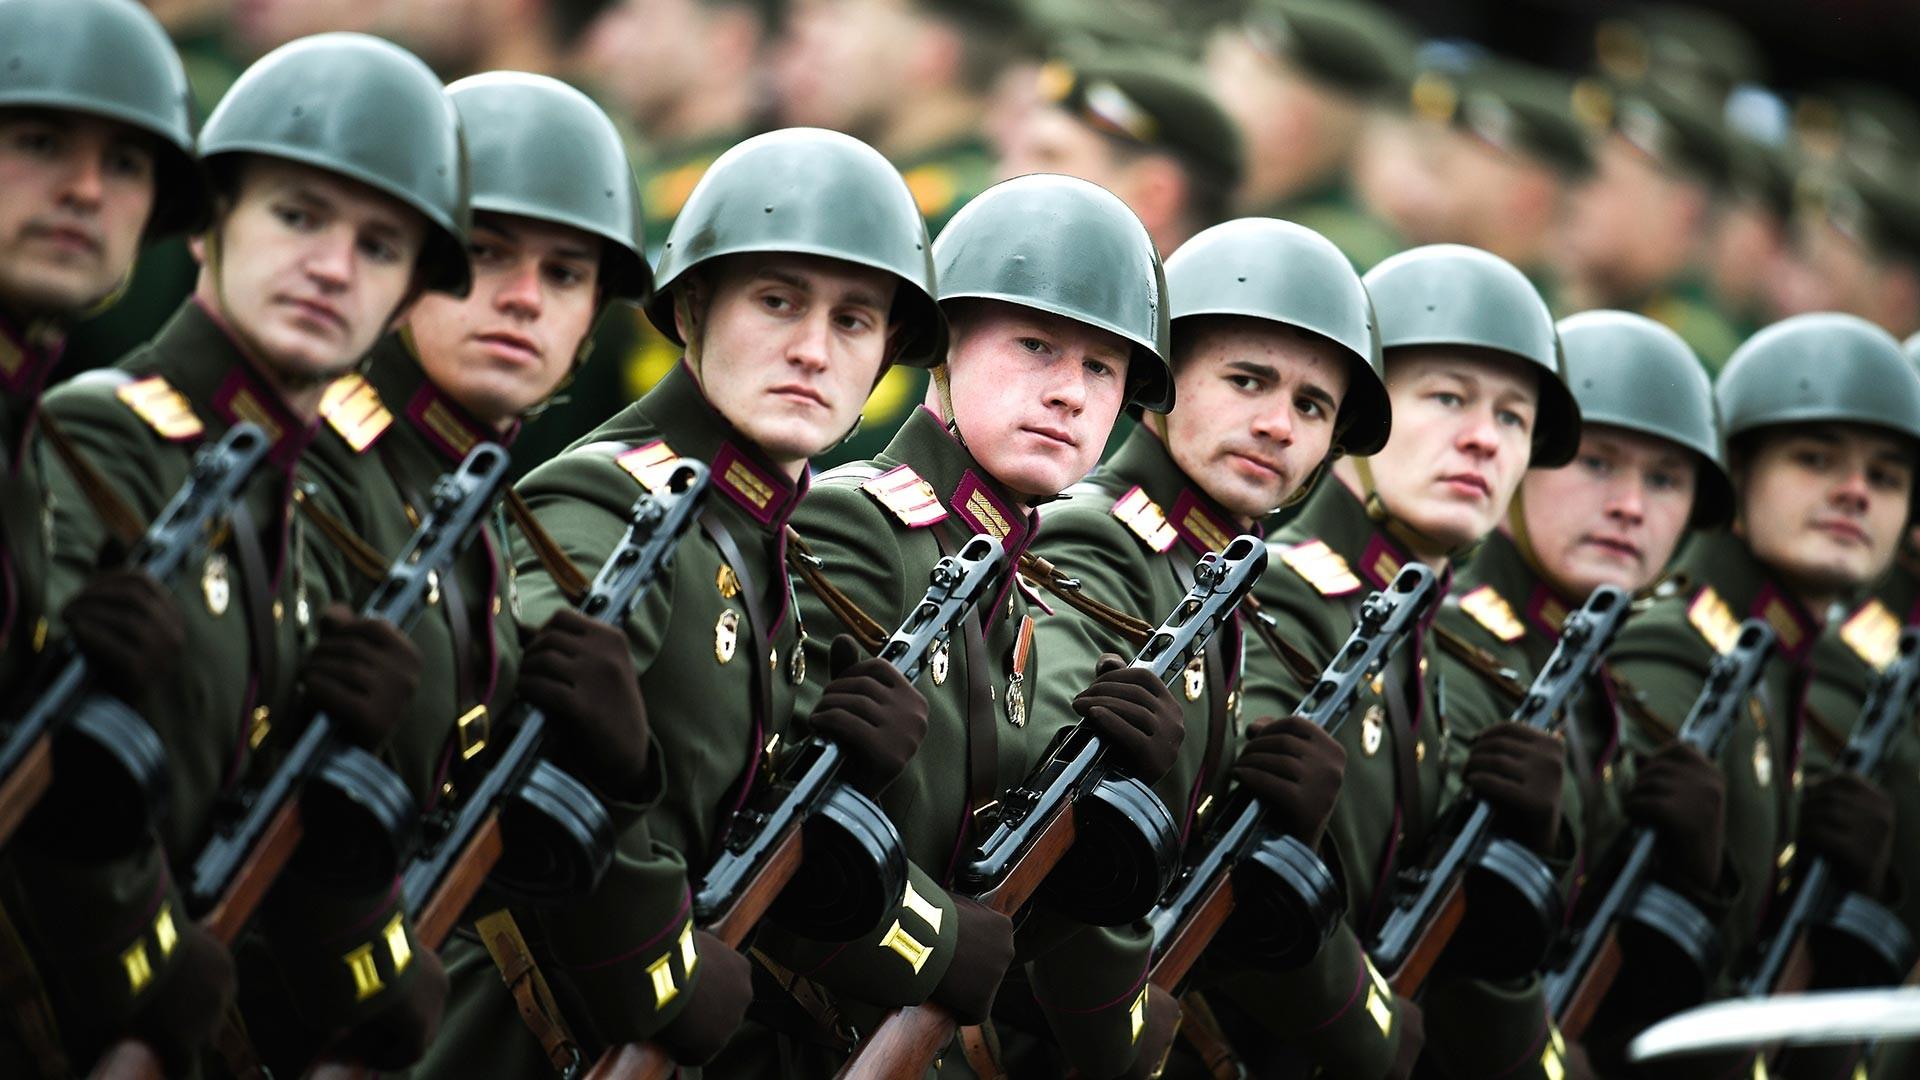 Des militaires russes traversant la place Rouge en portant des uniformes soviétiques de la Seconde Guerre mondiale et des mitraillettes PPSh.